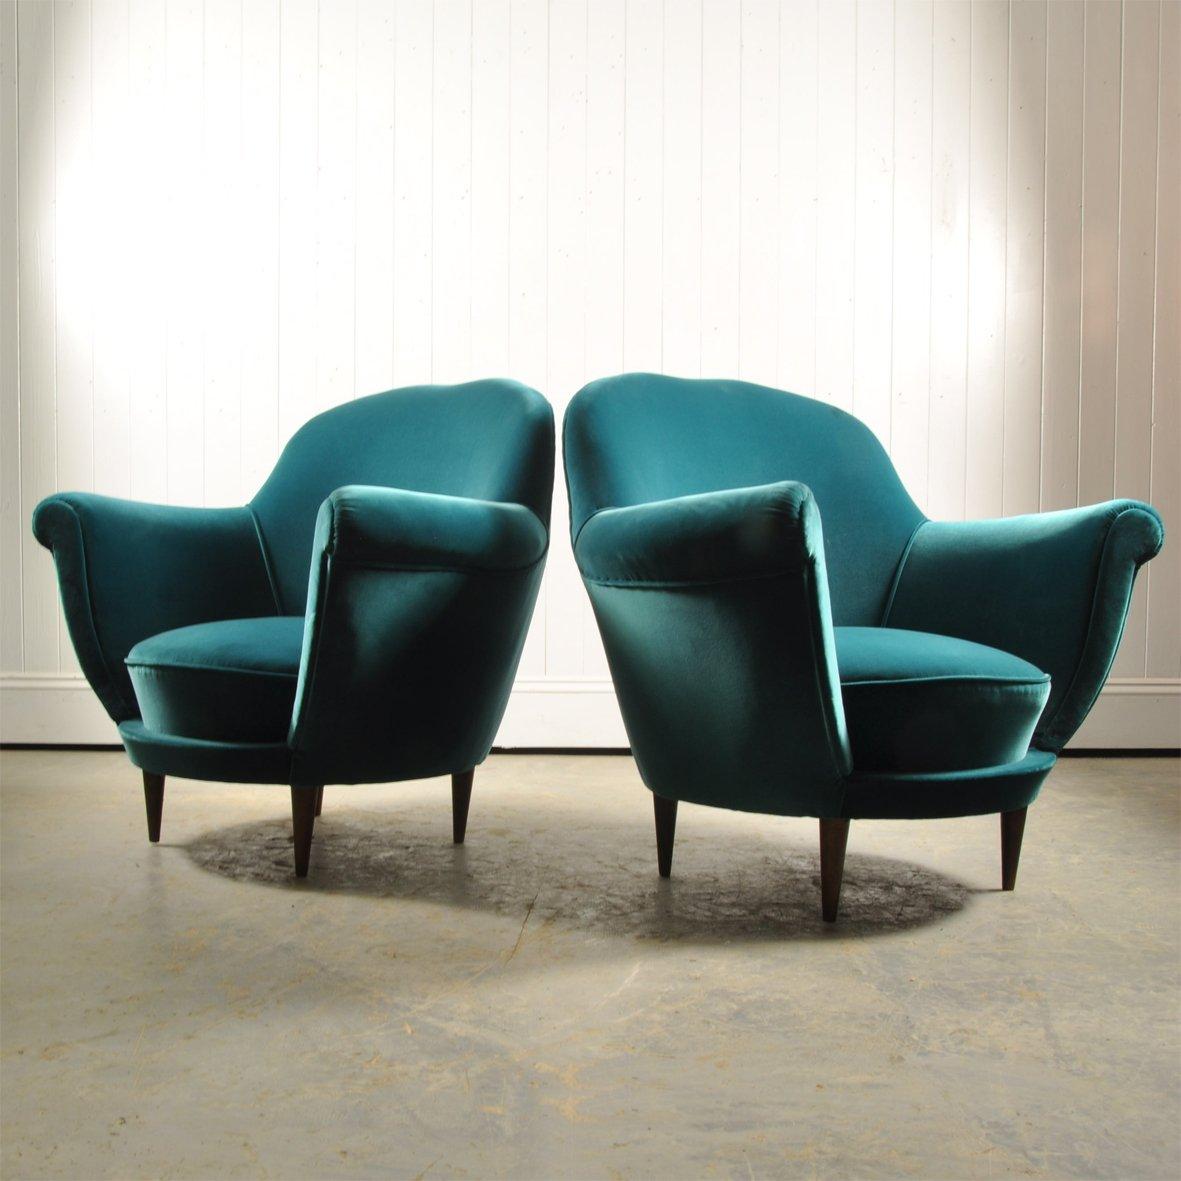 fauteuils club turquoise en velours italie 1950s set de 2 en vente sur pamono. Black Bedroom Furniture Sets. Home Design Ideas